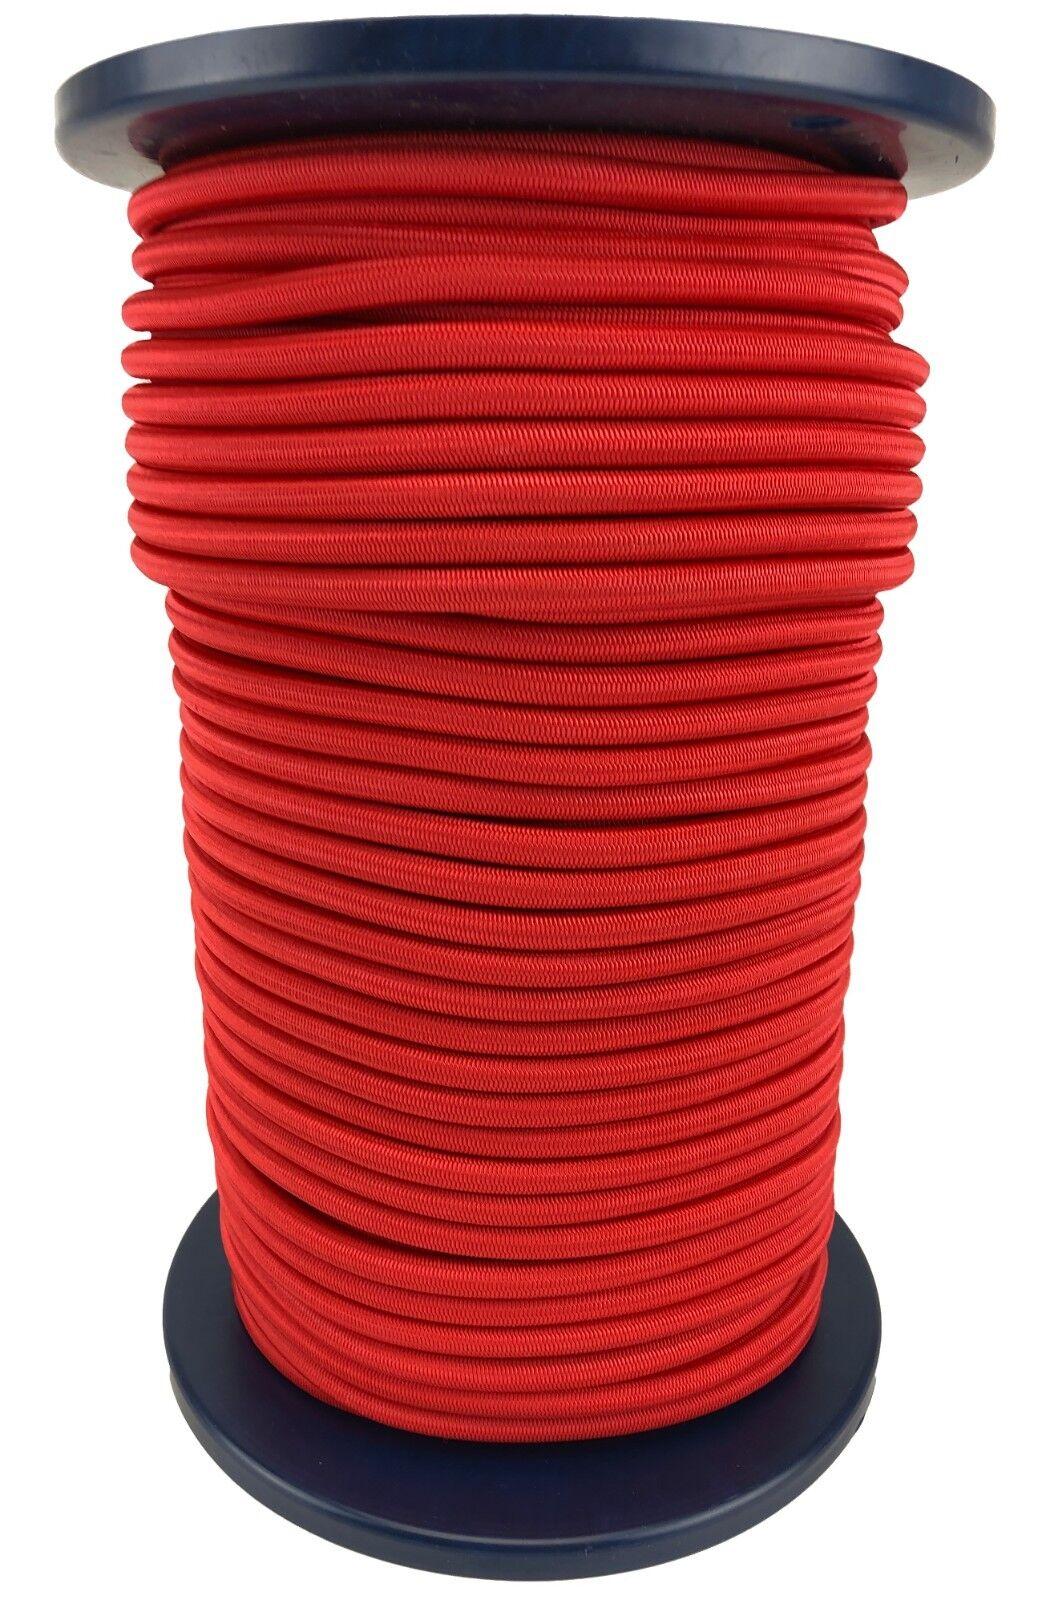 12mm Elastisch Gummiseil ,Gummizug Seil, Unten, Rot, Stabil, Heavy Duty